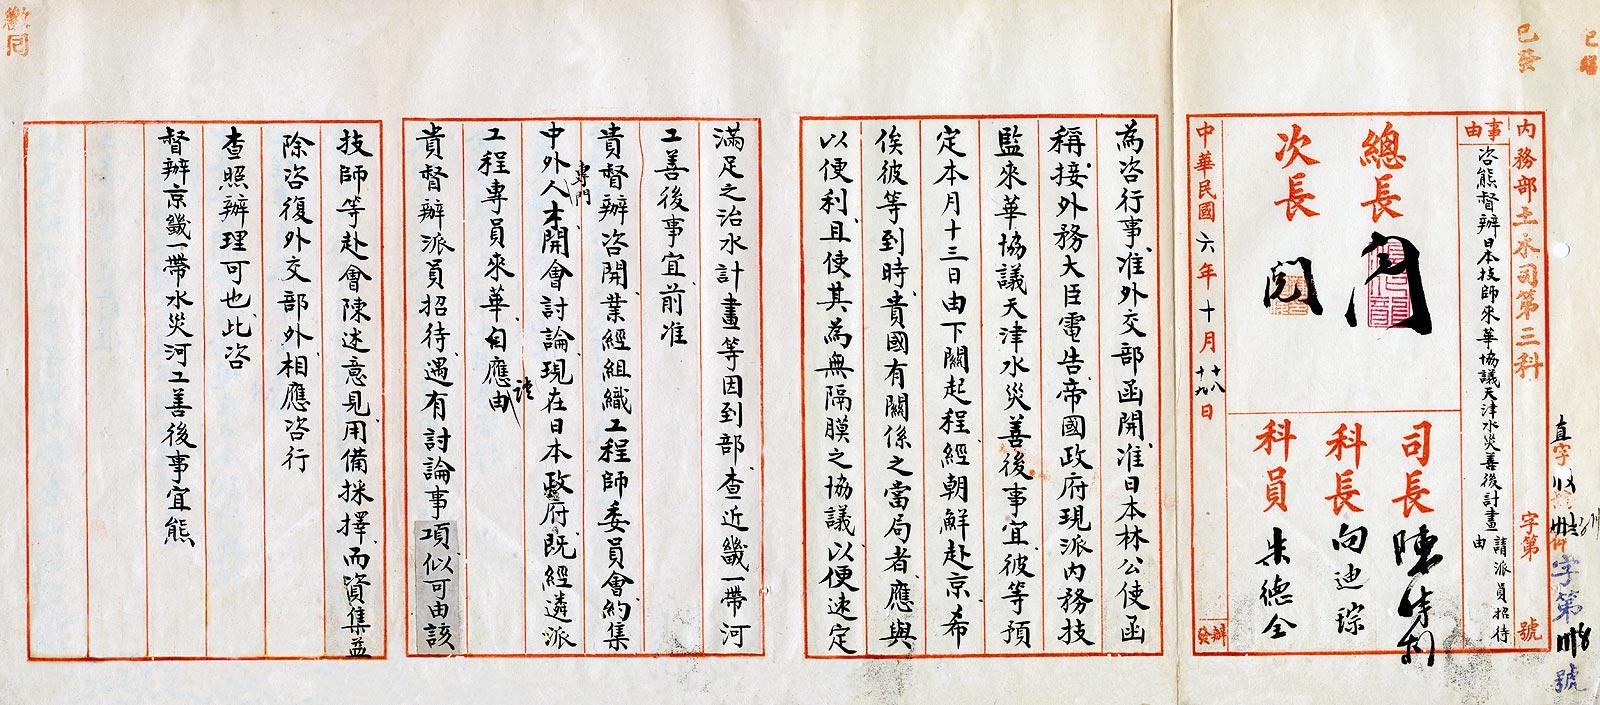 1917年10月,內務部咨熊希齡,有關日本技師來華協議天津水災善後事宜。(10-21-01-008-03-014)